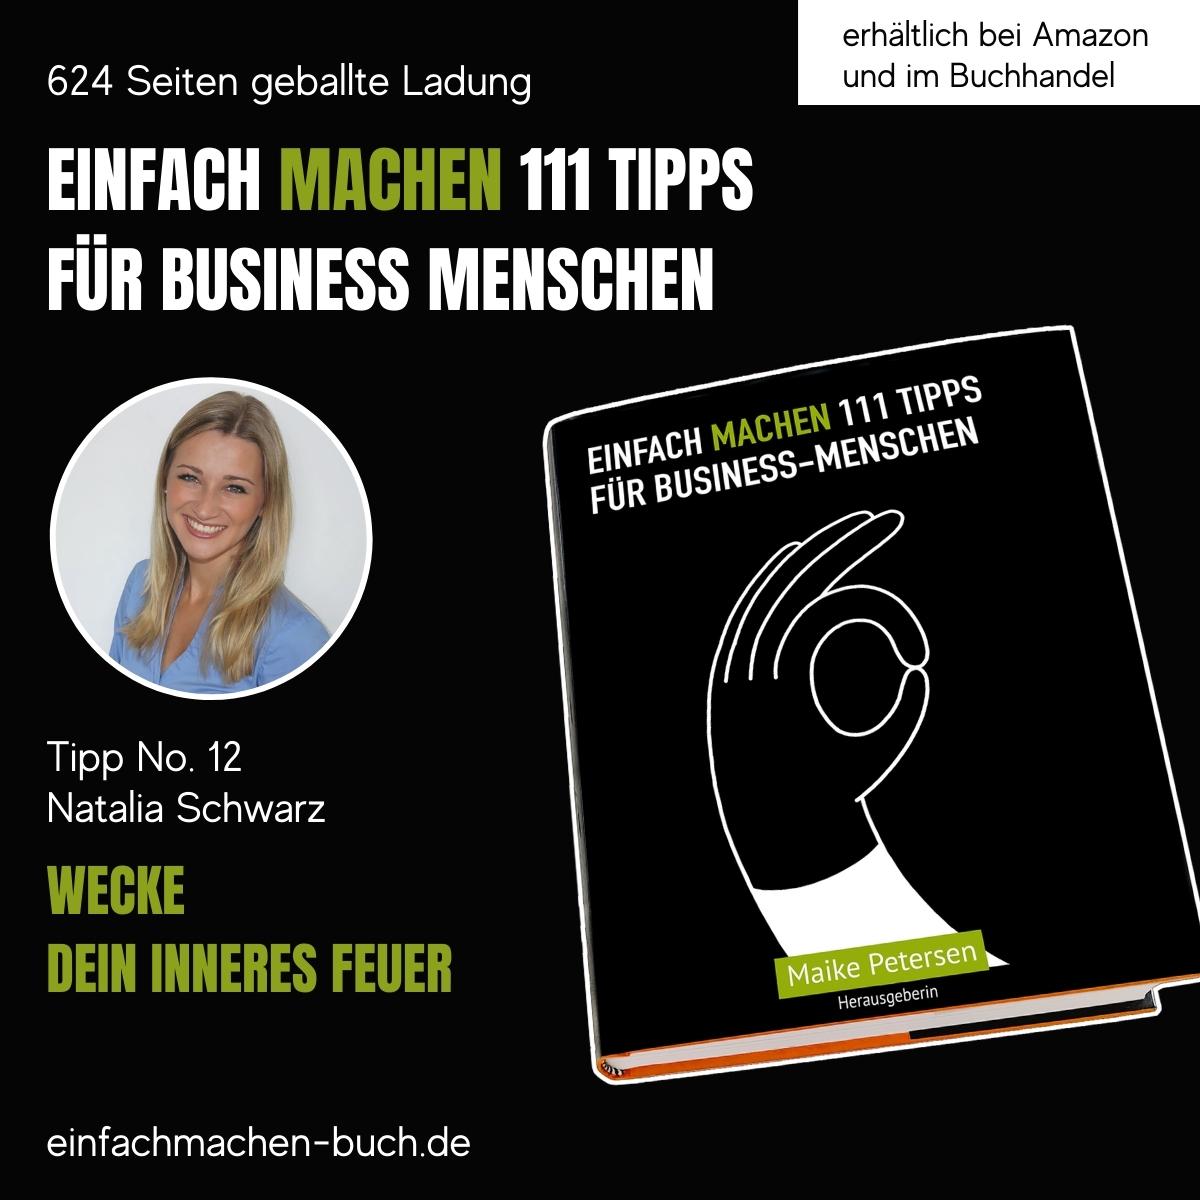 EINFACH MACHEN 111 TIPPS FÜR BUSINESS-MENSCHEN   Tipp No. 12 Natalie Schwarz